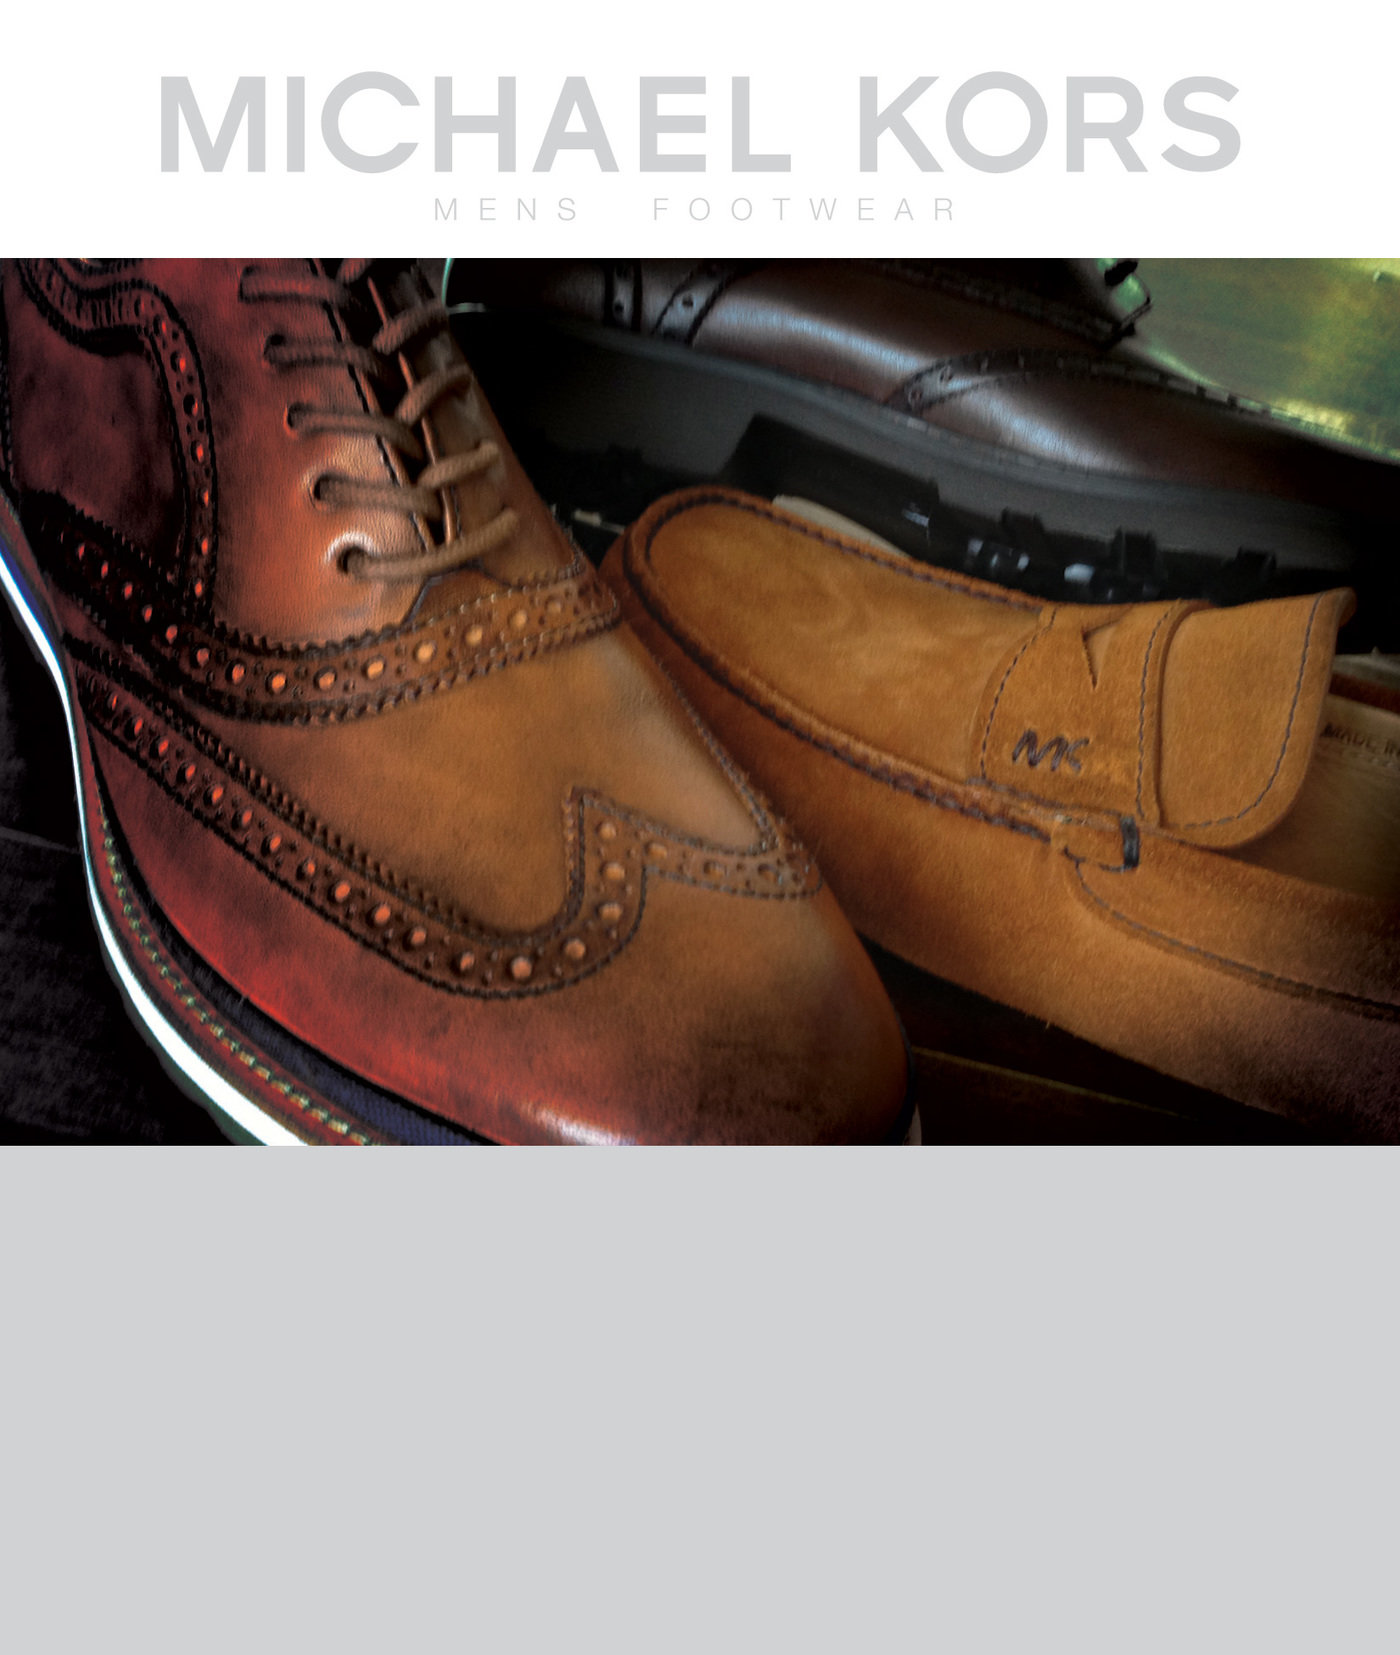 Michael Kors FW2013 Mens Footwear by